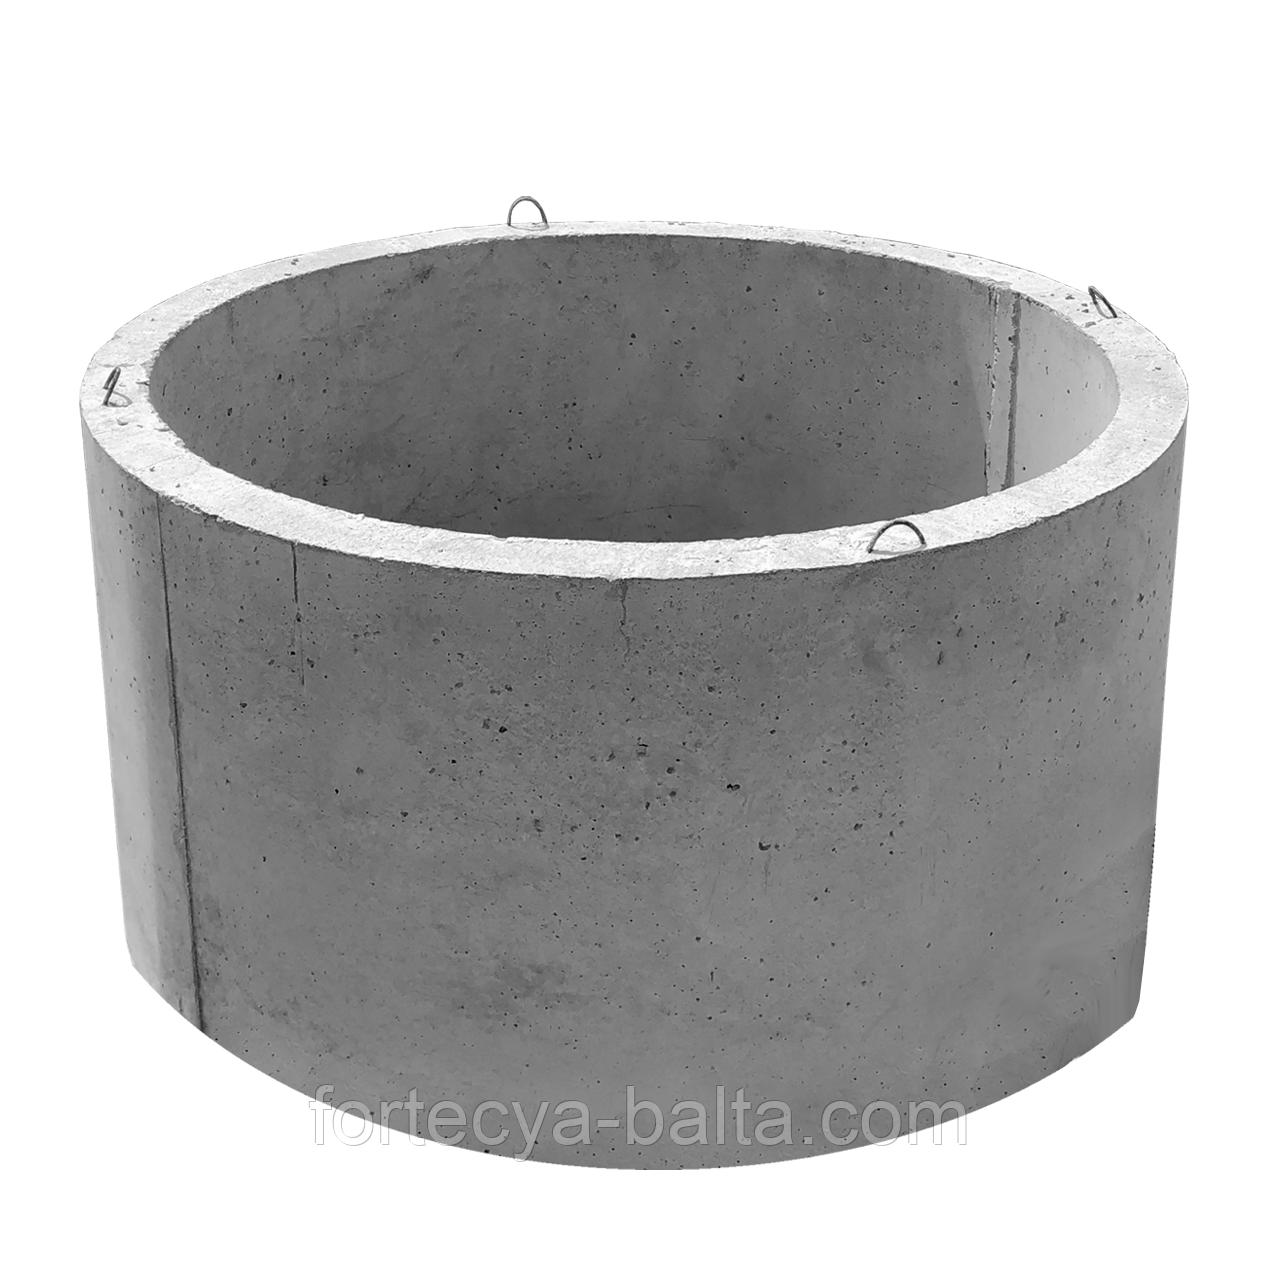 Бетон балта керамзитобетон уплотнение